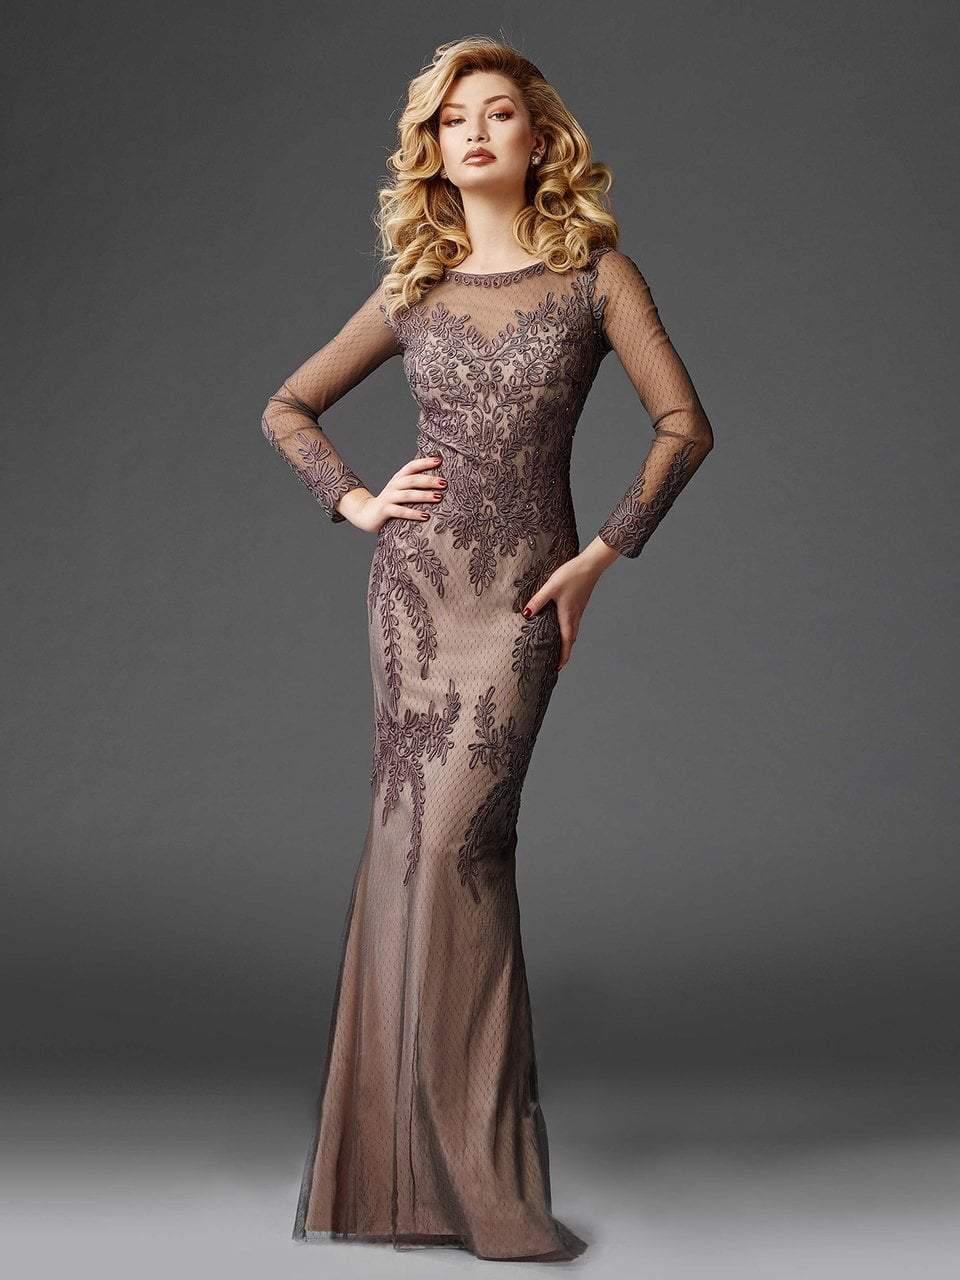 Clarisse - M6425 Longsleeved Soutache Evening Gown